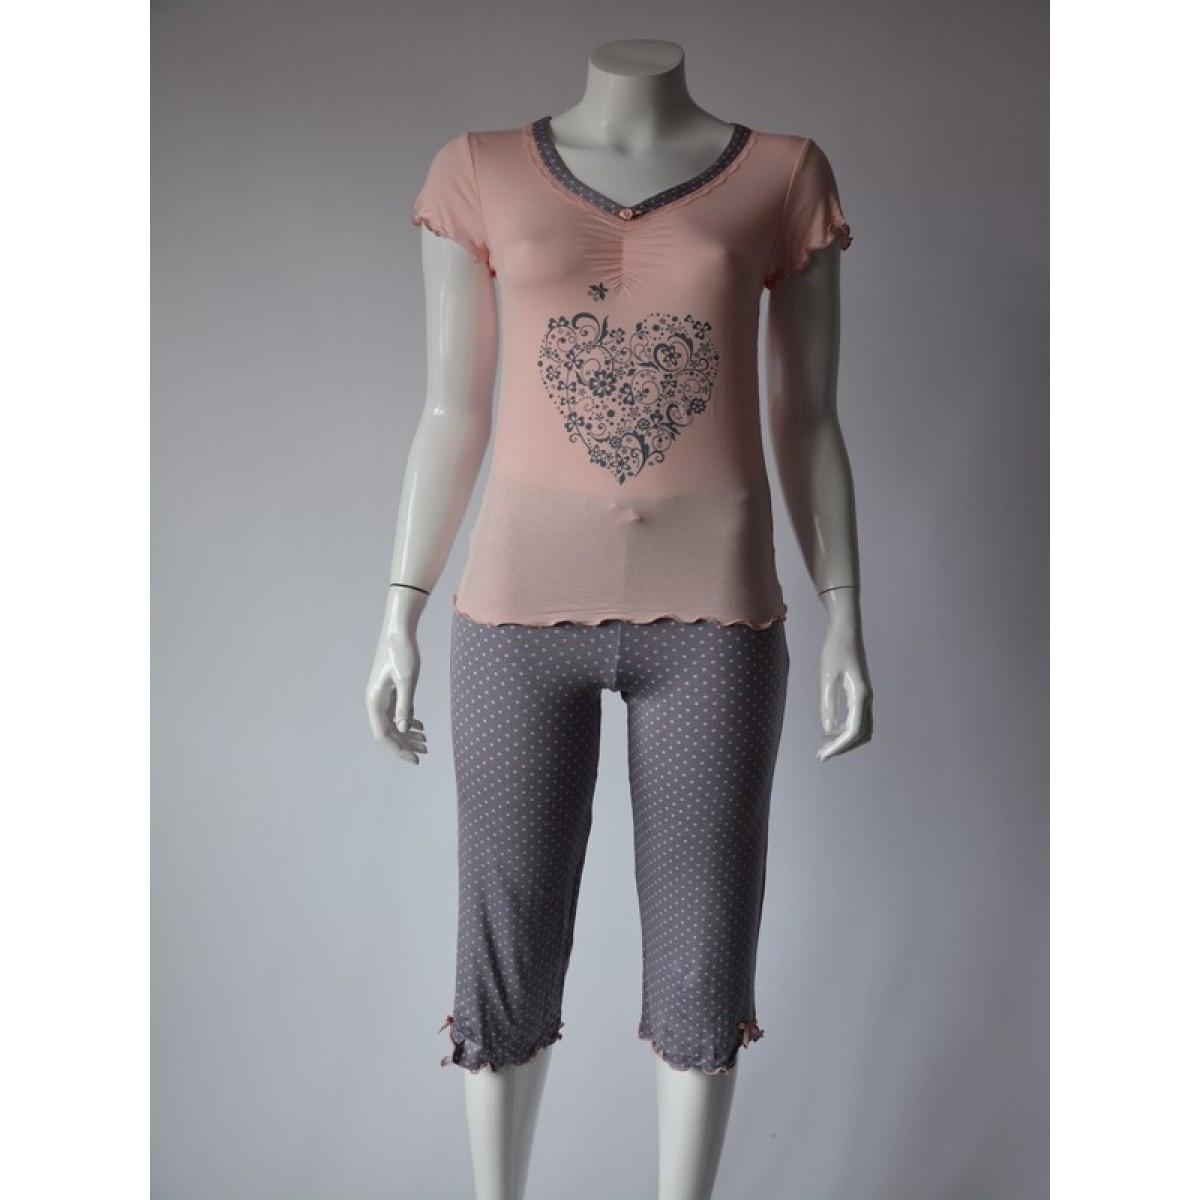 Dámské pyžamo 659 KK - CoCoon Barva: světle růžová, Velikost: XL